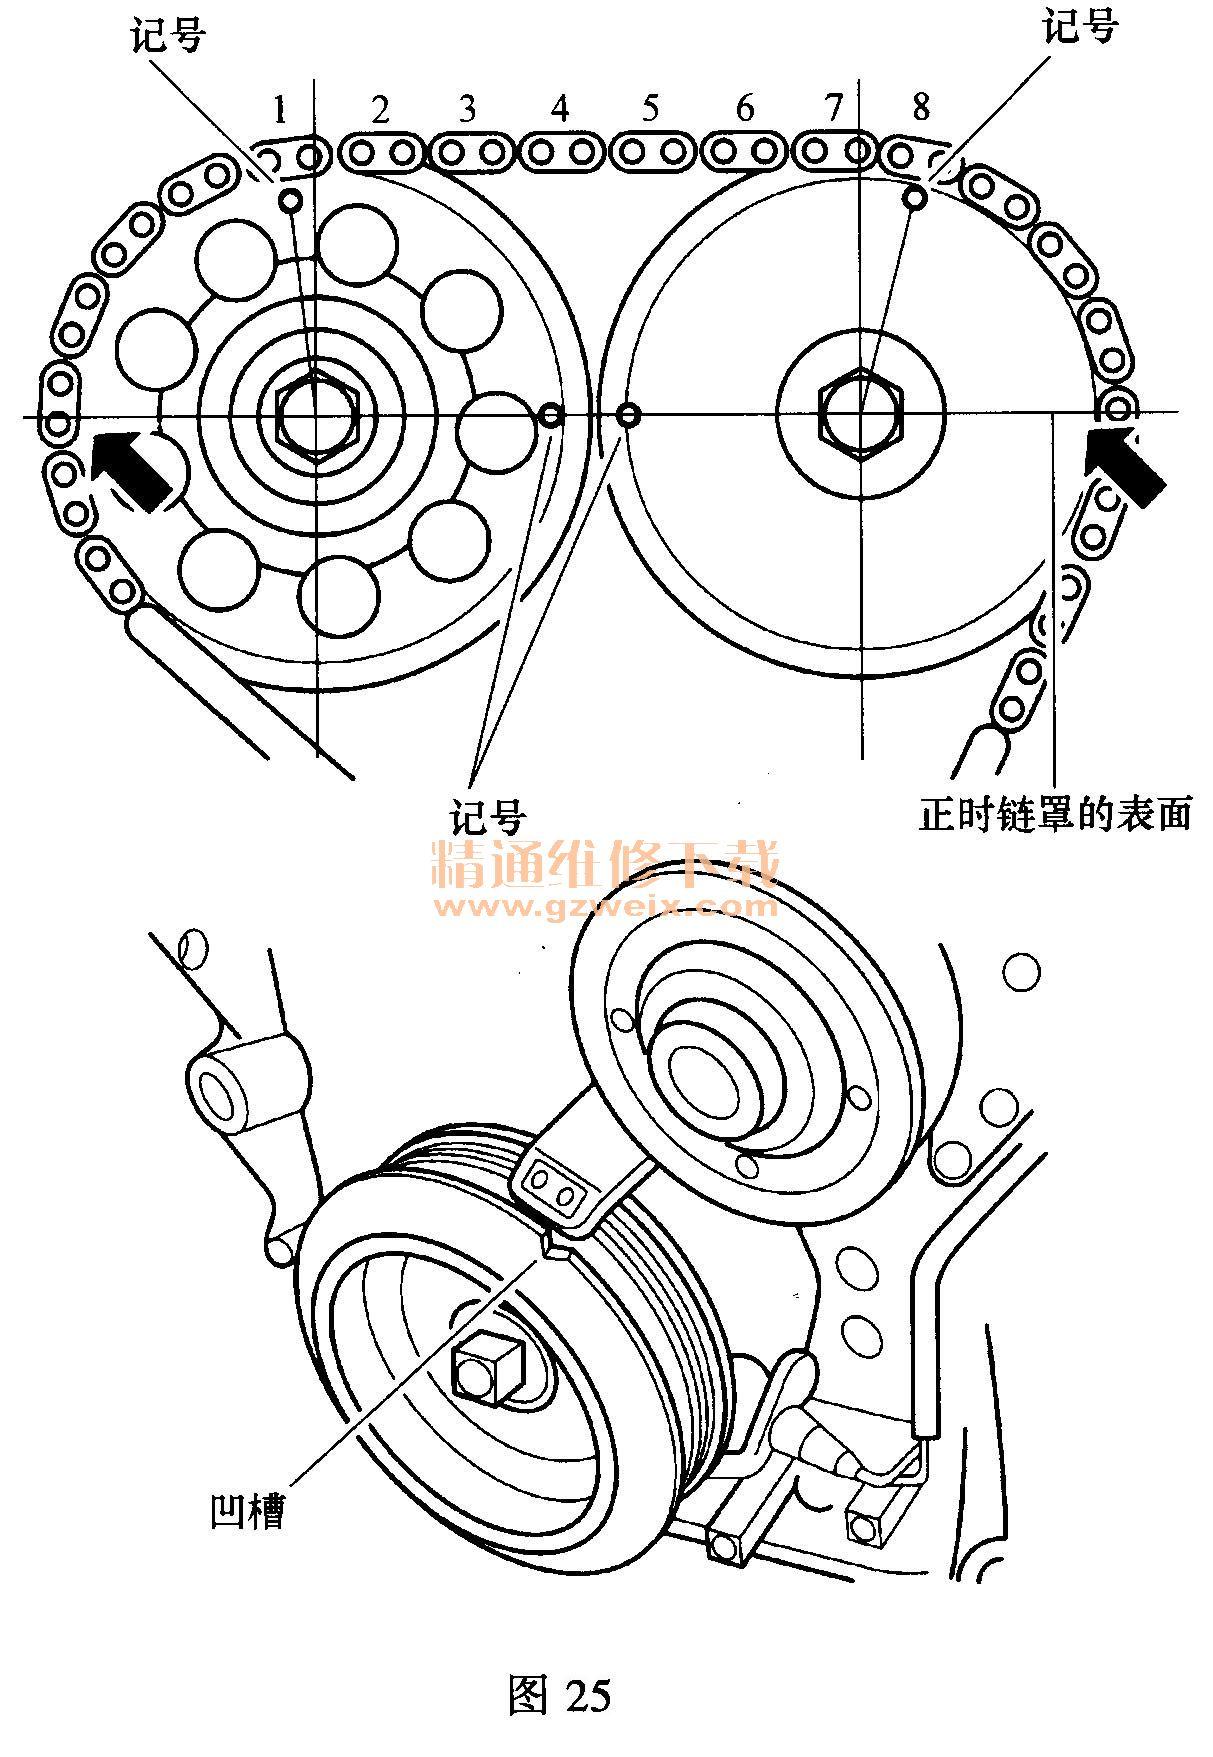 4g18d)发动机正时链条拆卸方法